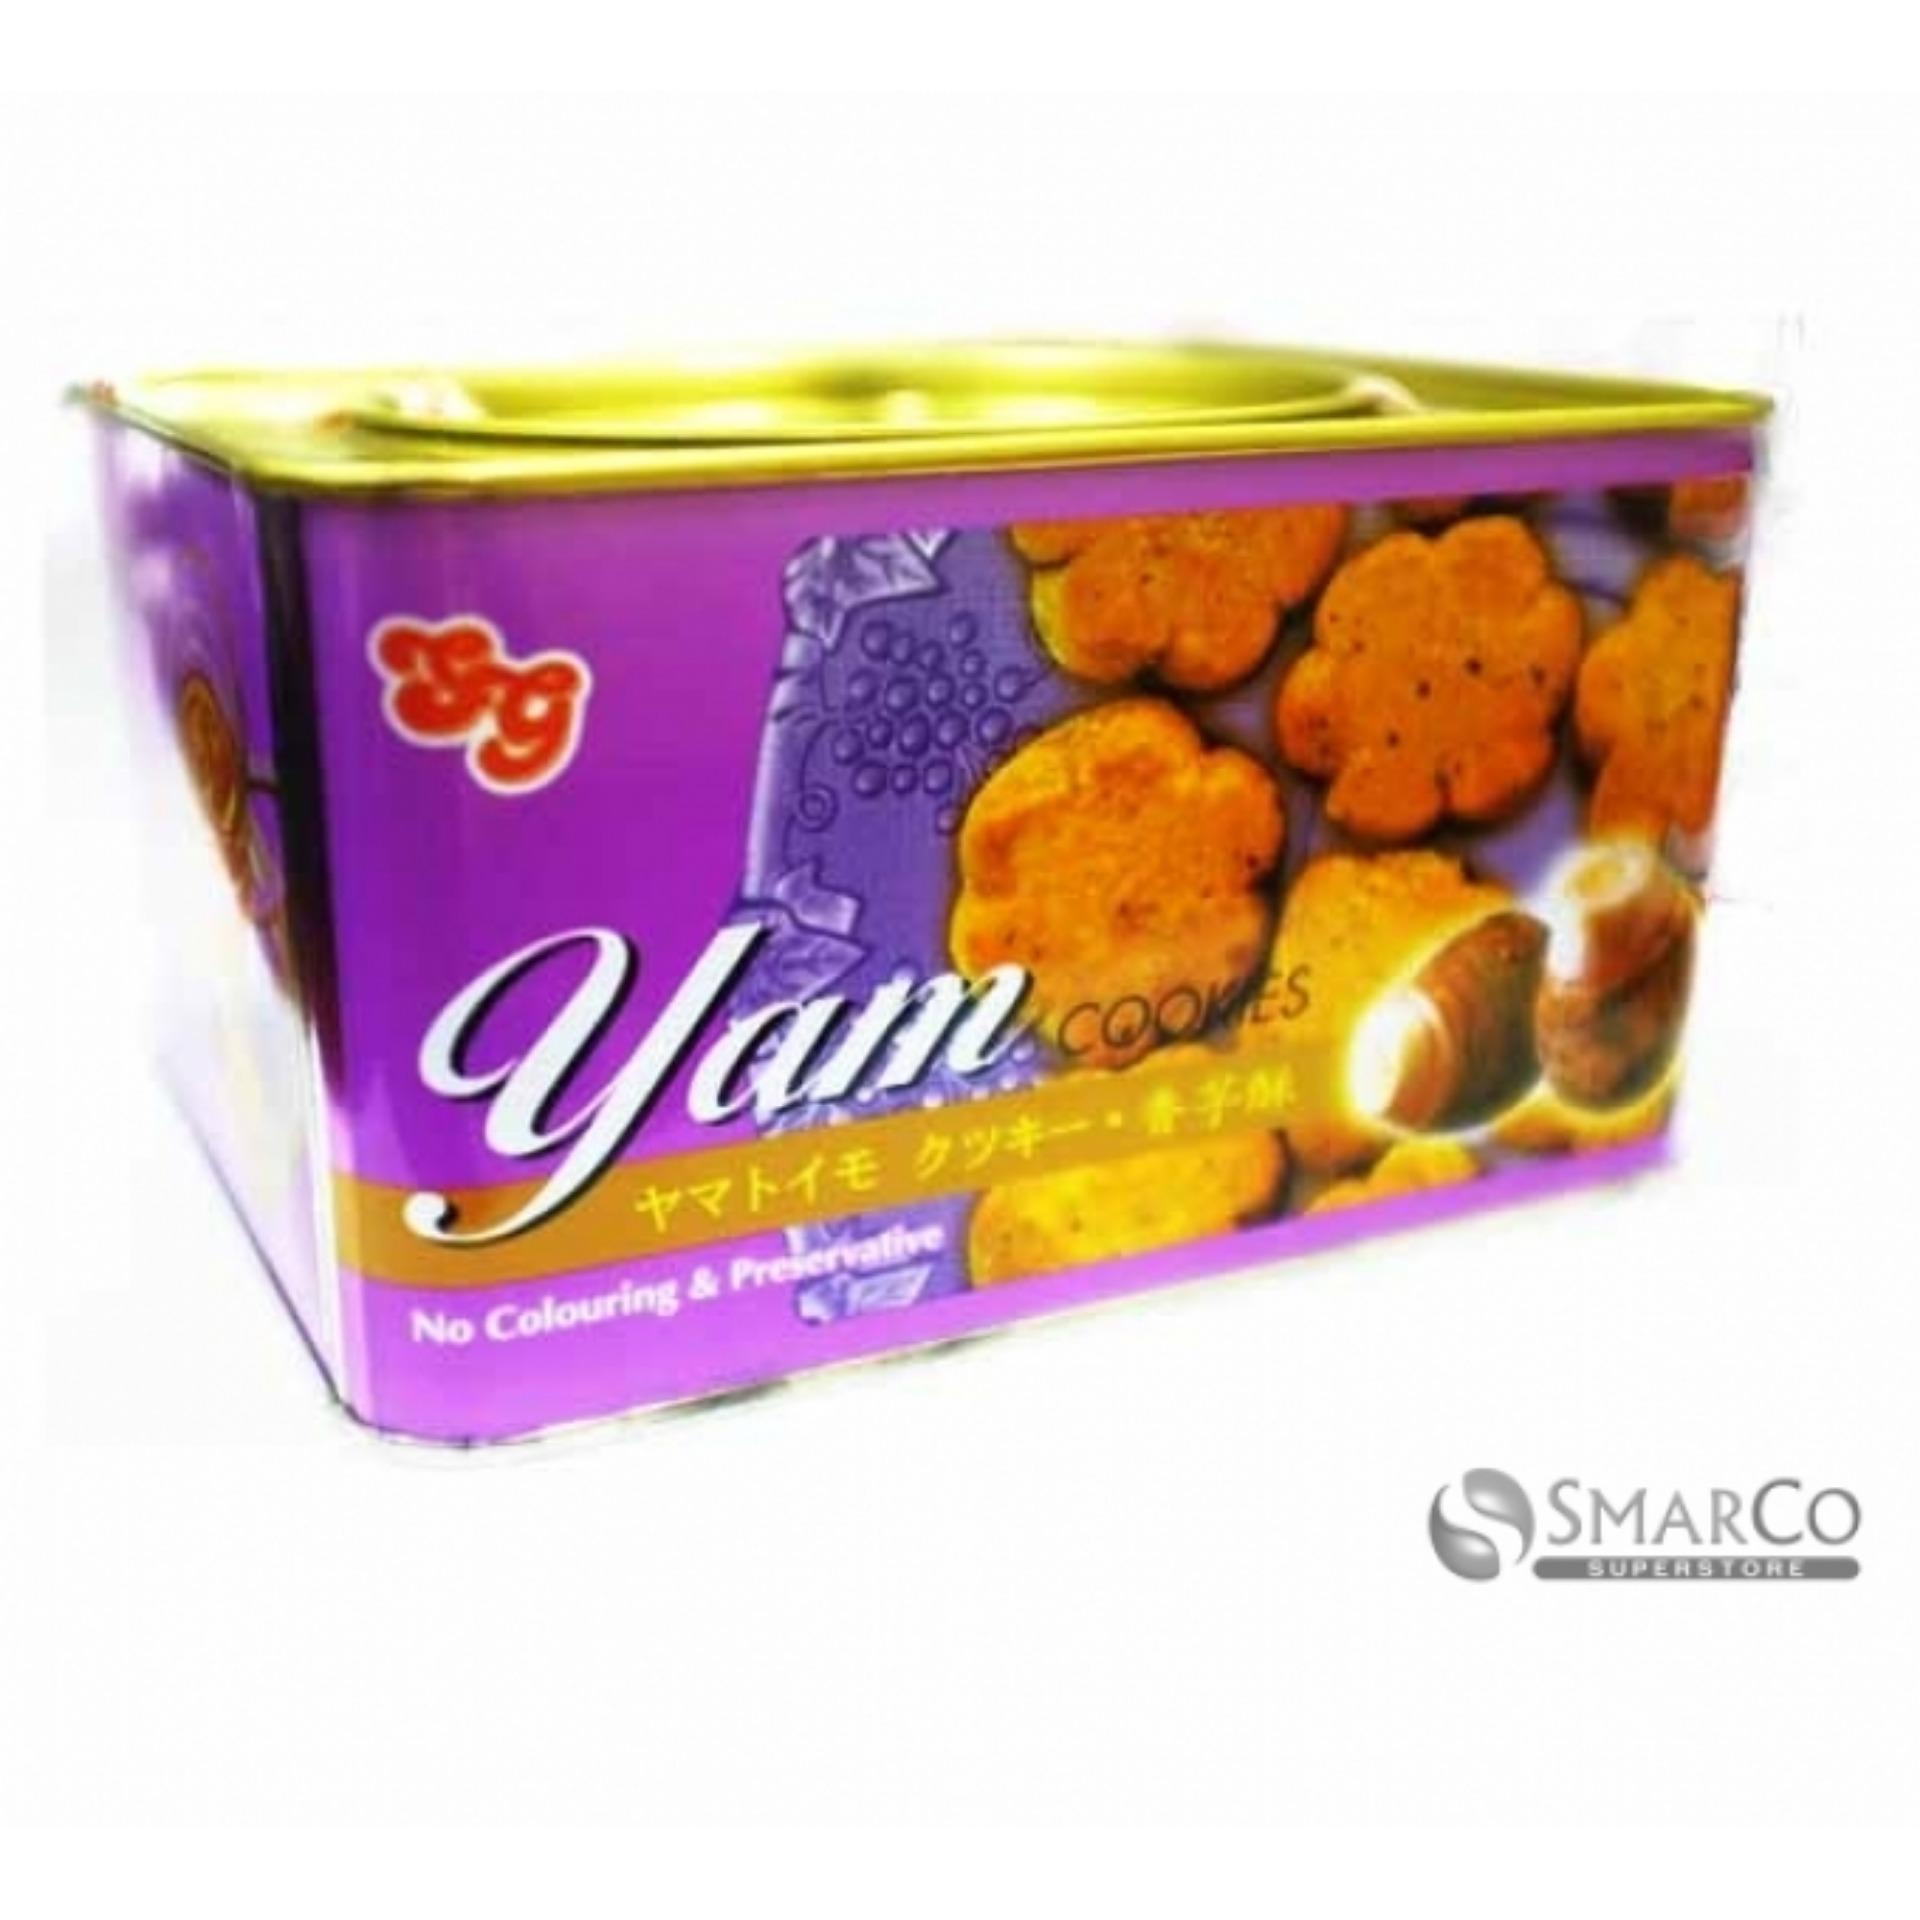 Jual Yam Cookies Keladi Tin 700 Gr Yam Cookies